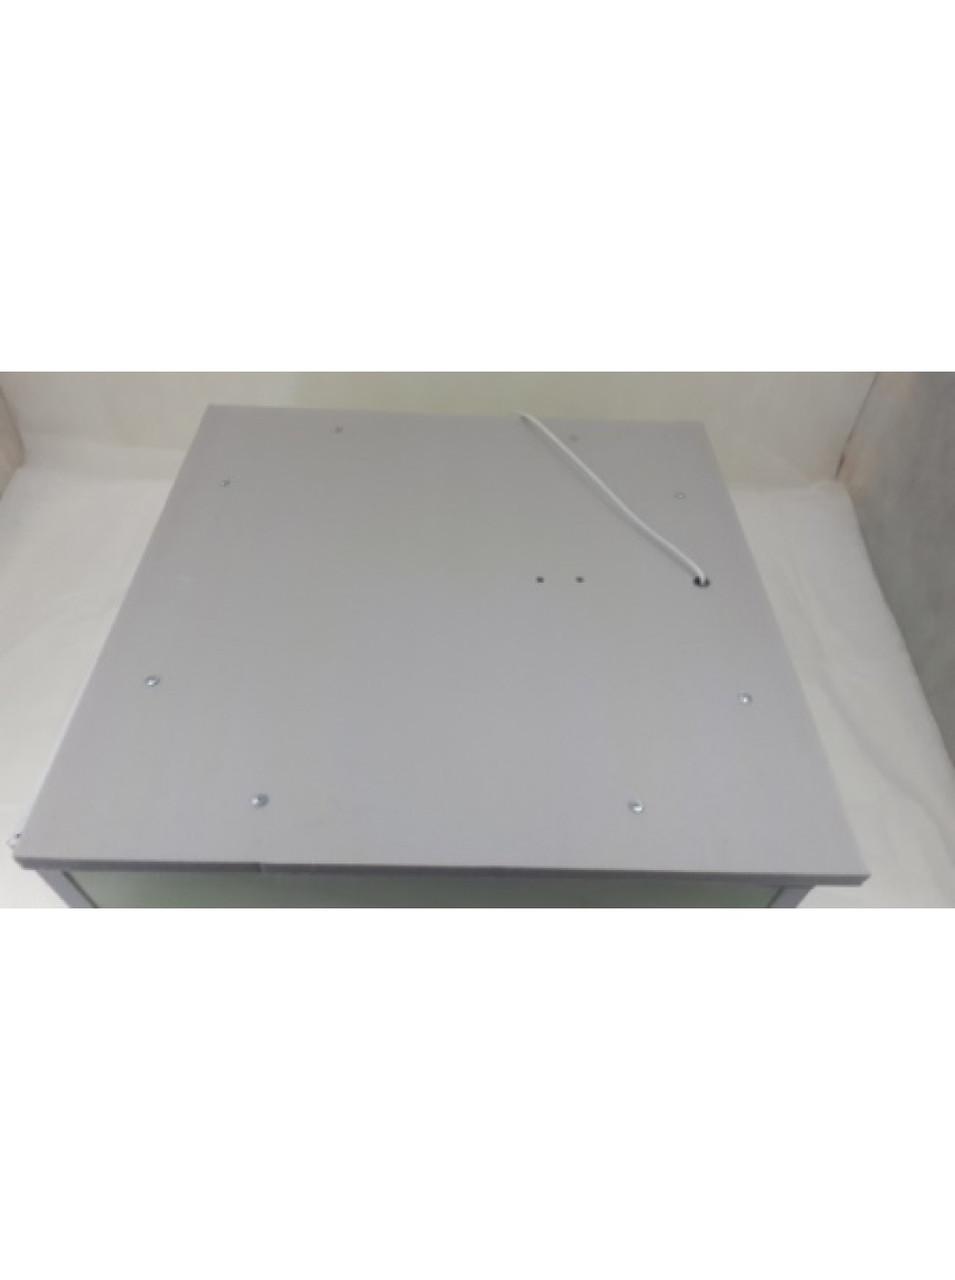 Инкубатор для яиц Курочка Ряба ИБ 120, автоматический, ТЭН